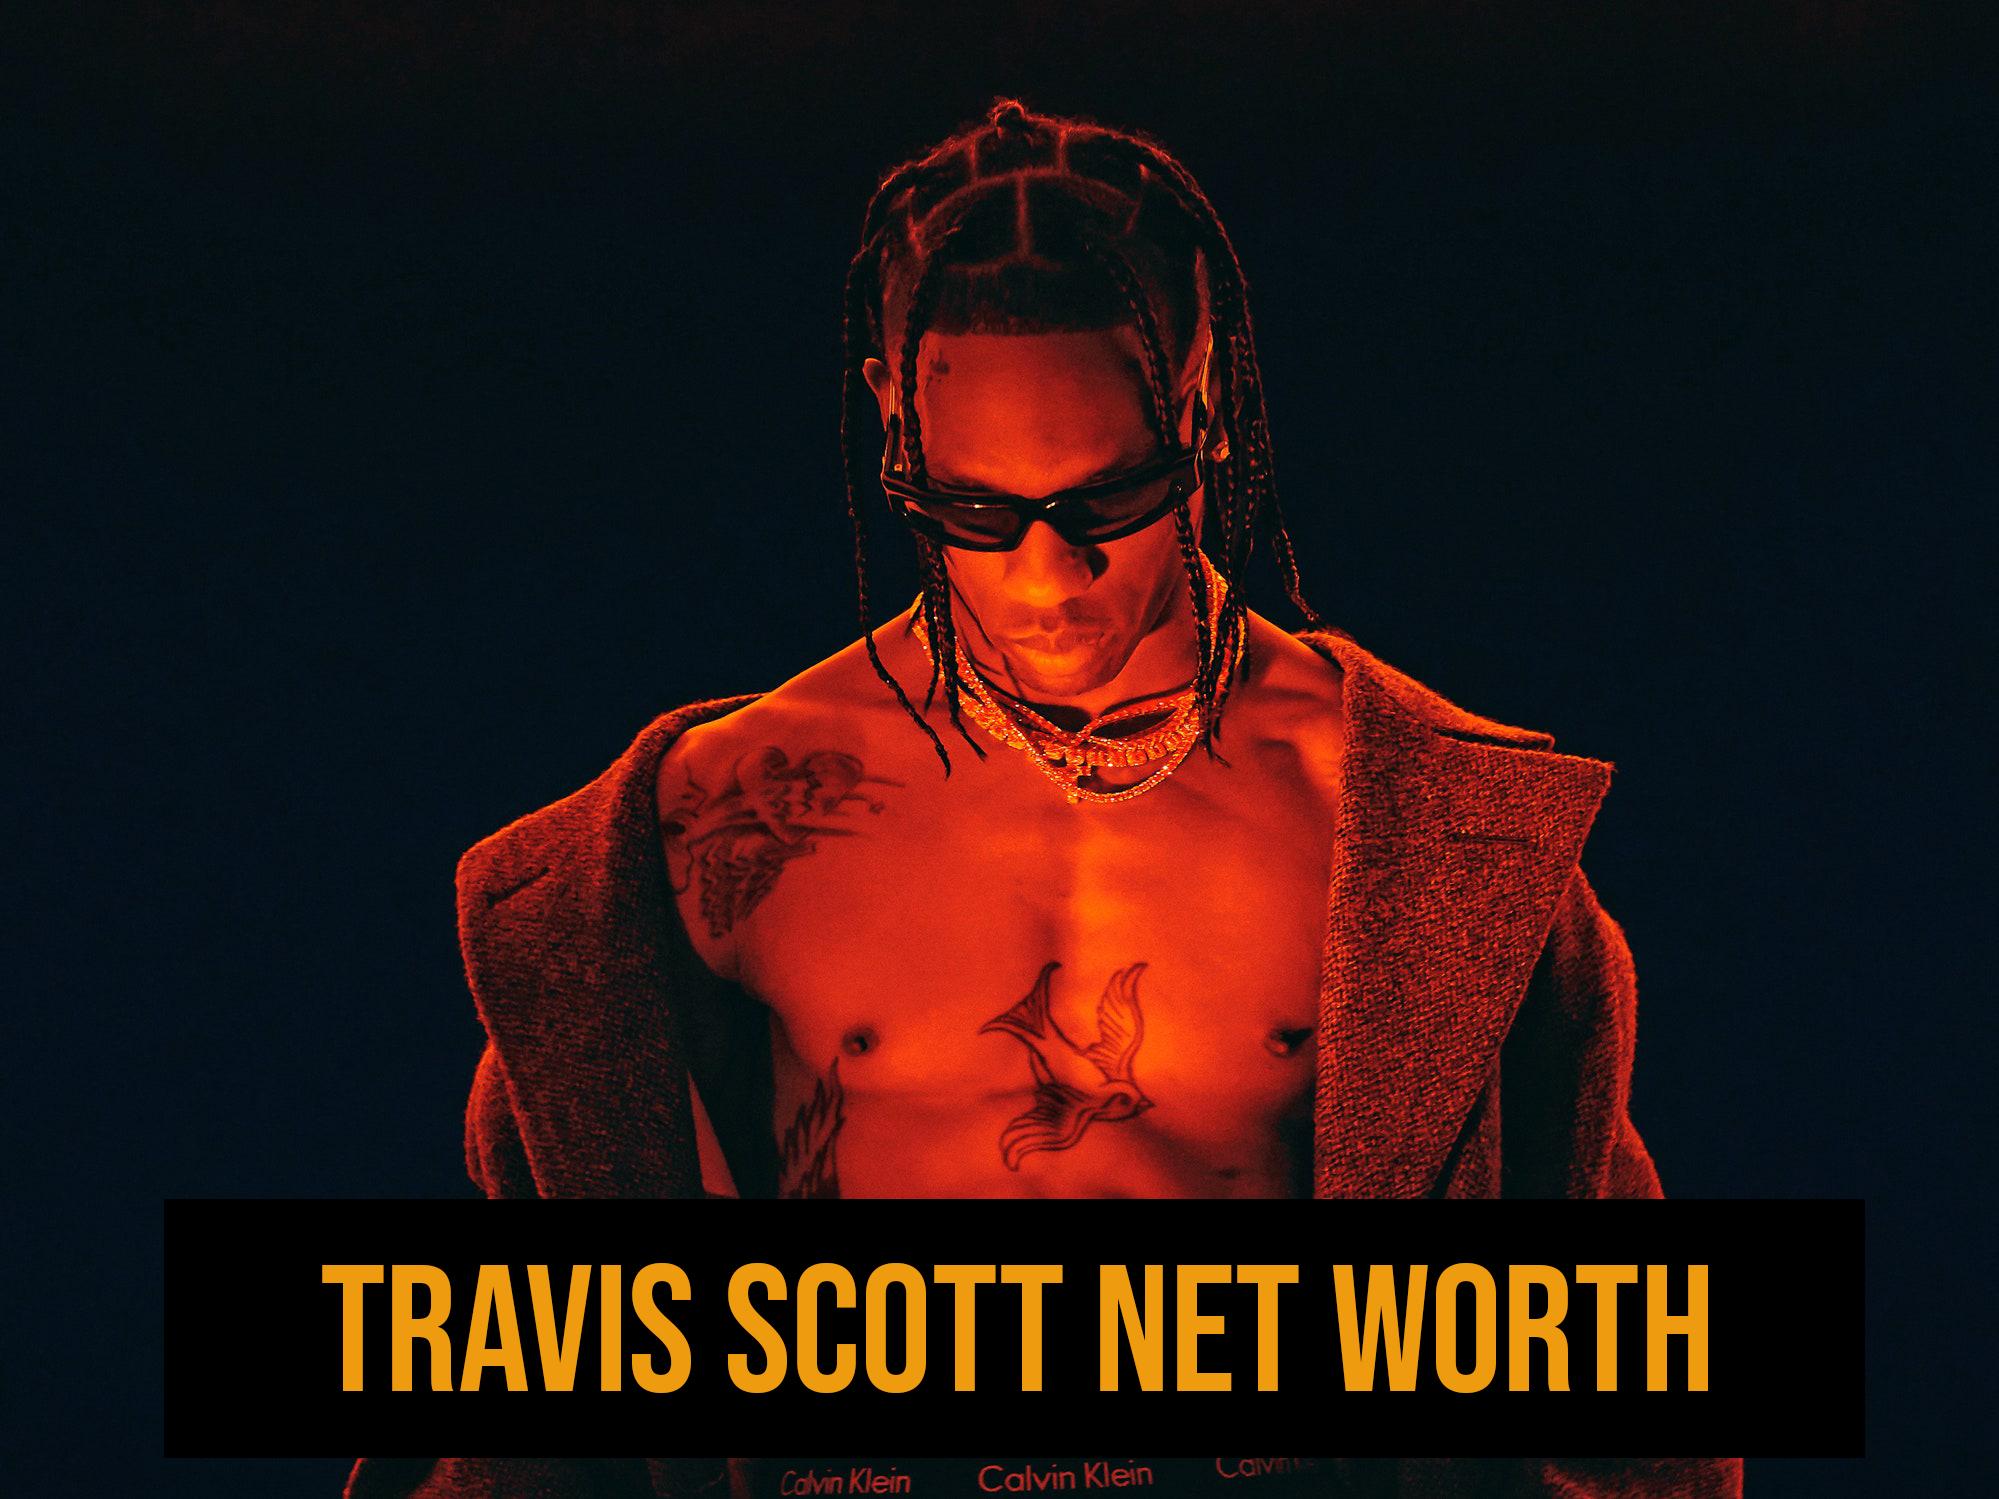 Travis Scott Net Worth